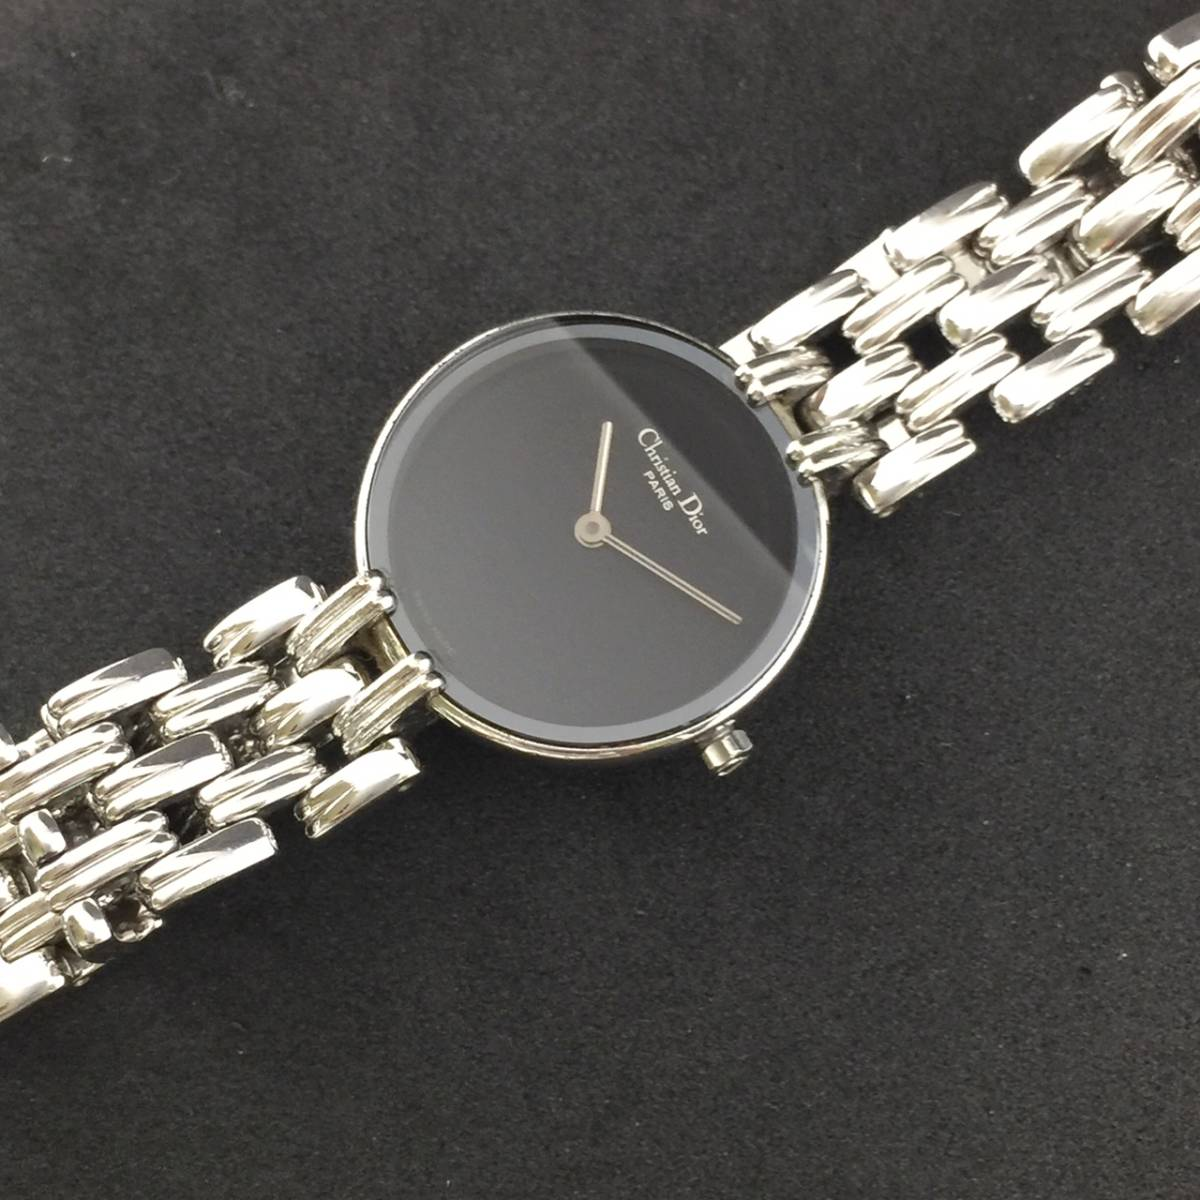 【1円~】Christian Dior クリスチャン ディオール 腕時計 レディース D44-120 Bagheera バギラ 可動品_画像6